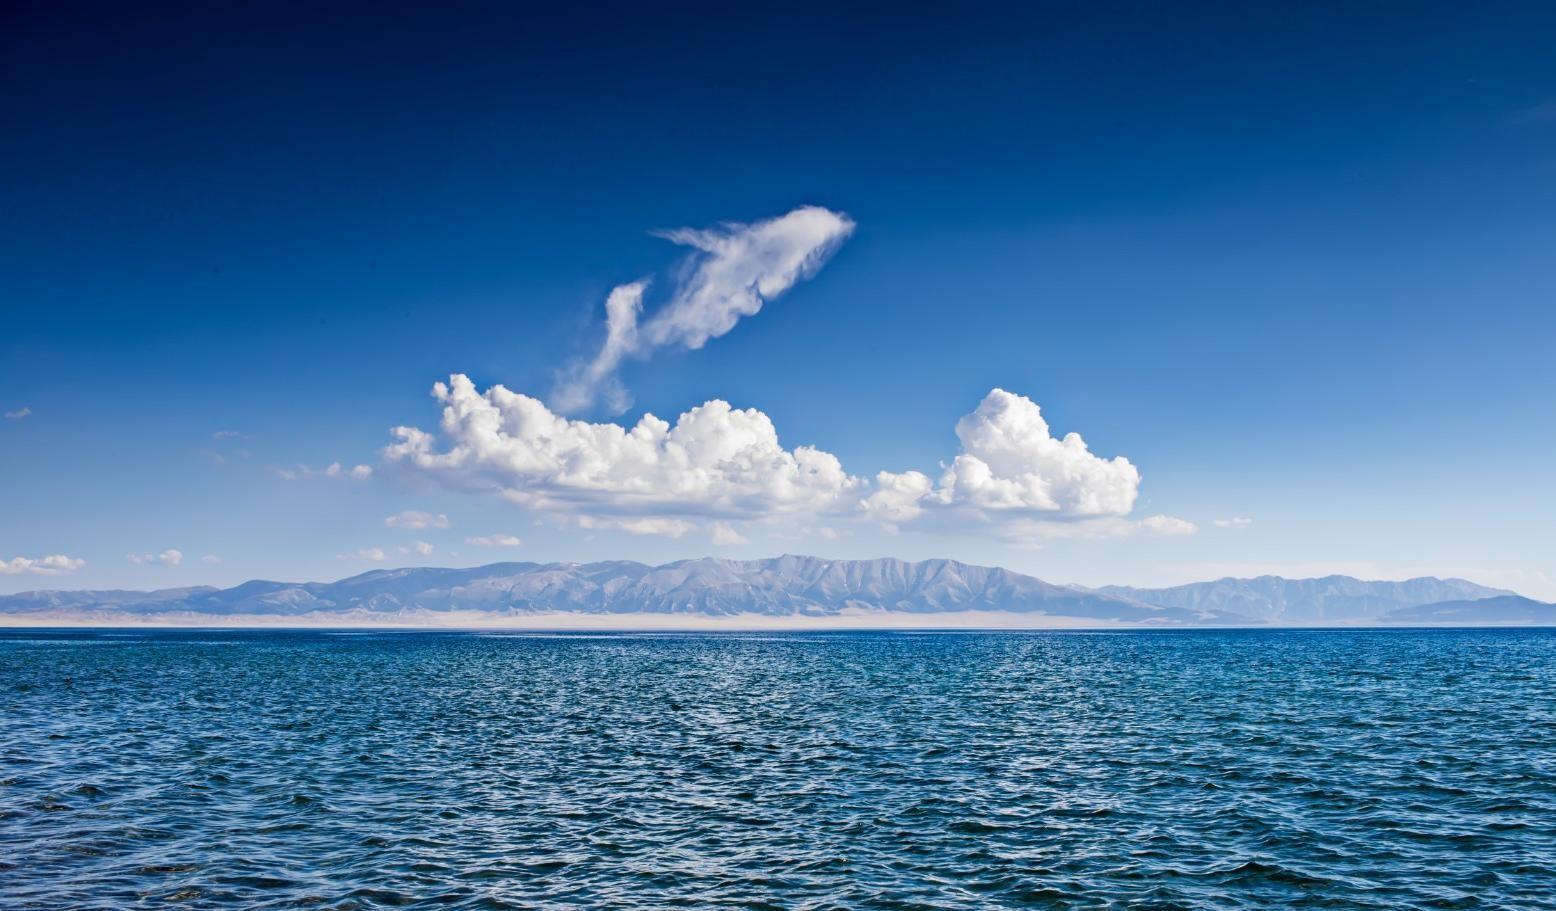 海南将建国际海底光缆站点 全岛覆盖5G网络